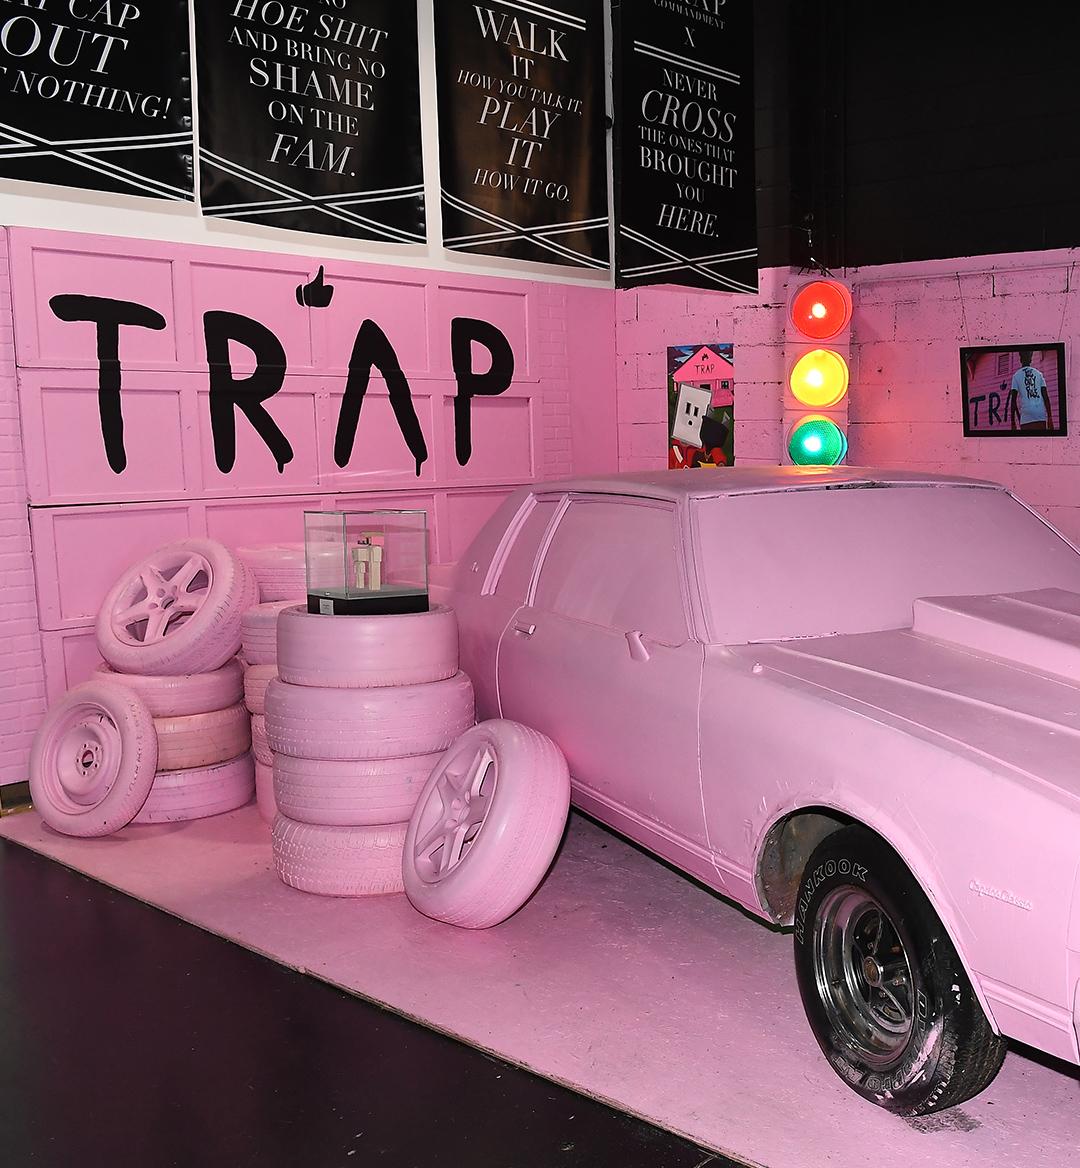 trap music mobile